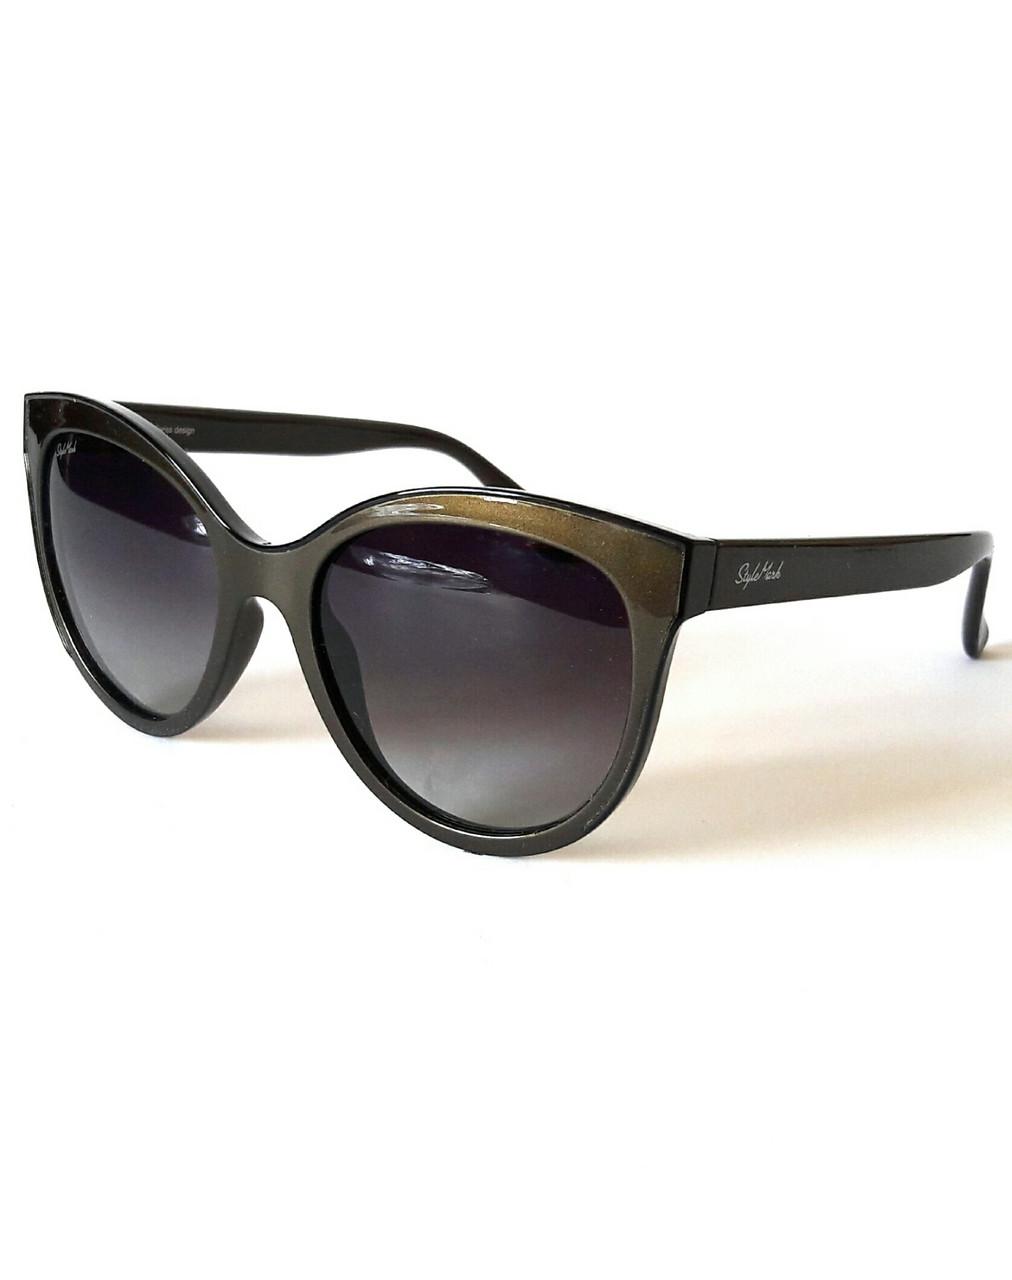 Солнцезащитные очки женские с поляризацией, градиентными серыми стёклами, StyleMark